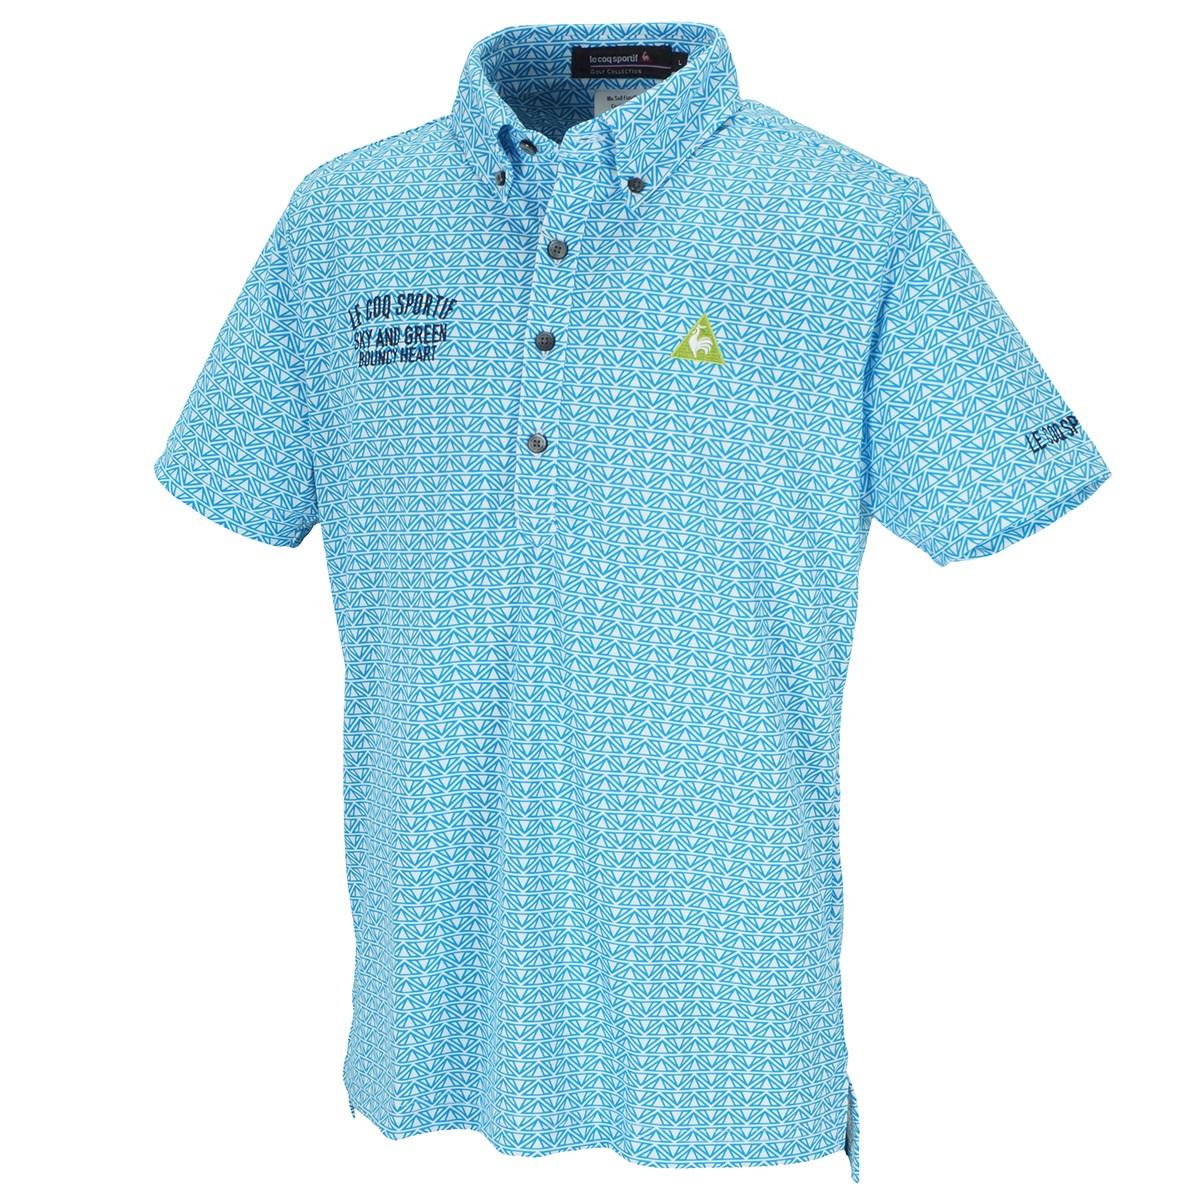 ルコックゴルフ クーリストフェステントプリント半袖ポロシャツ